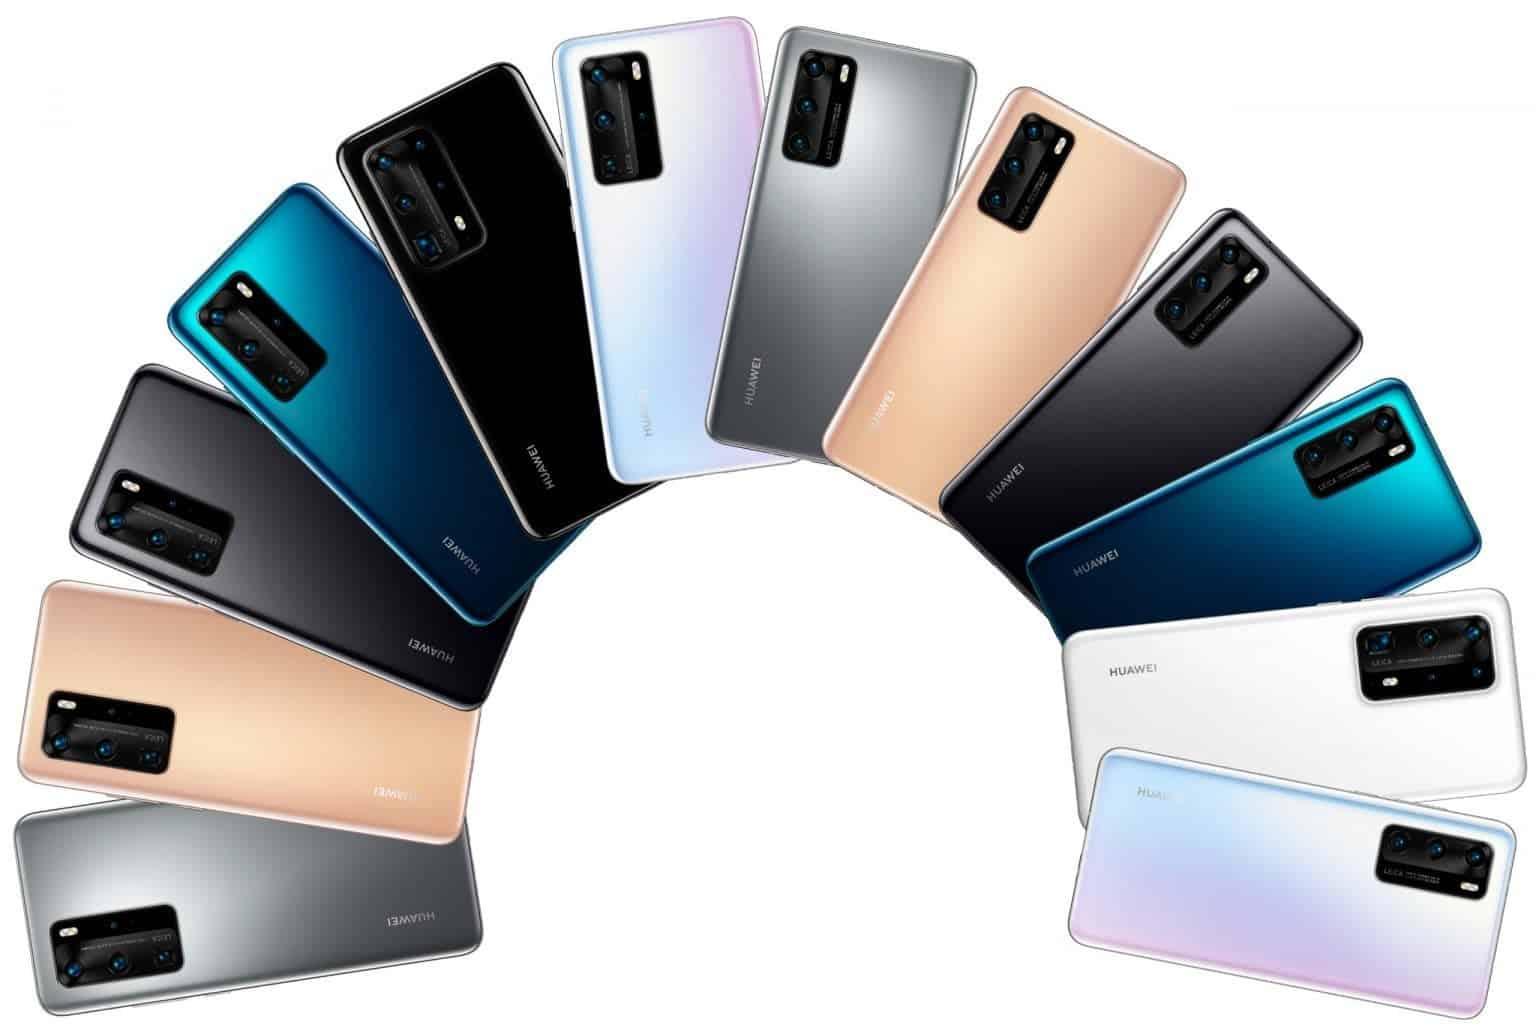 Huawei P40 serisinin lansmanını nasıl takip ederiz?(Link içeride)